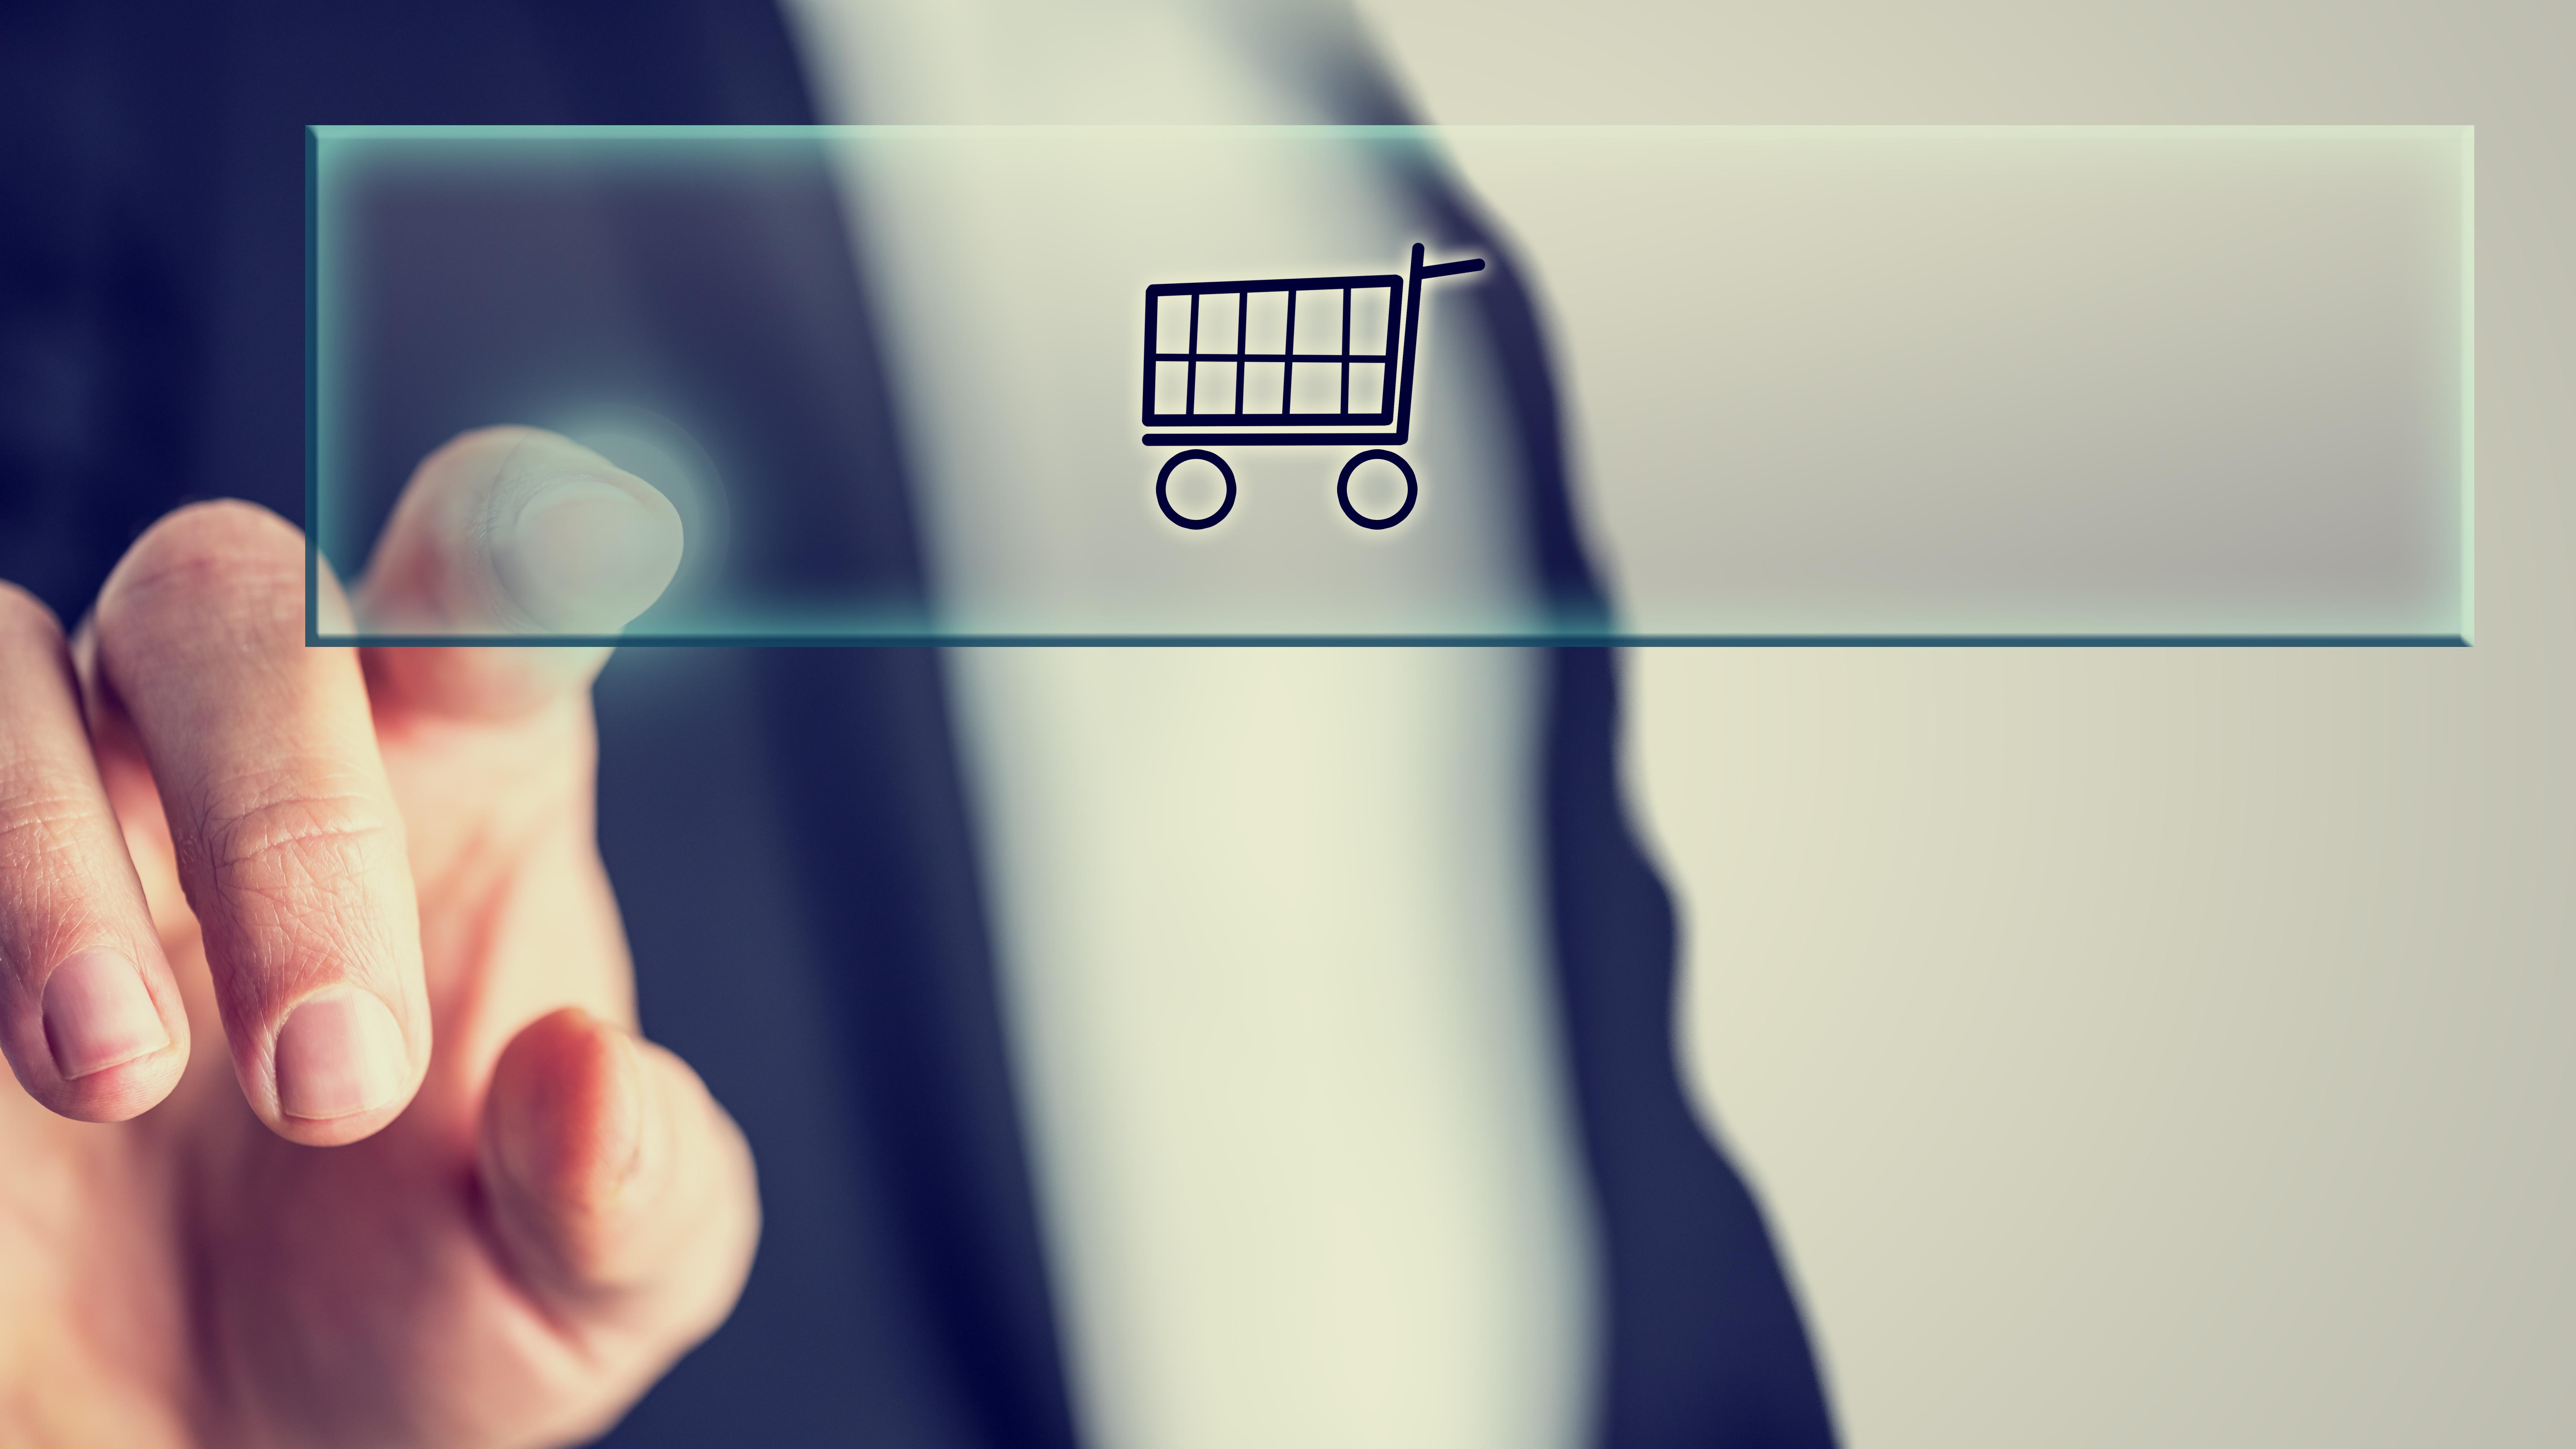 pasos legales para montar una tienda online